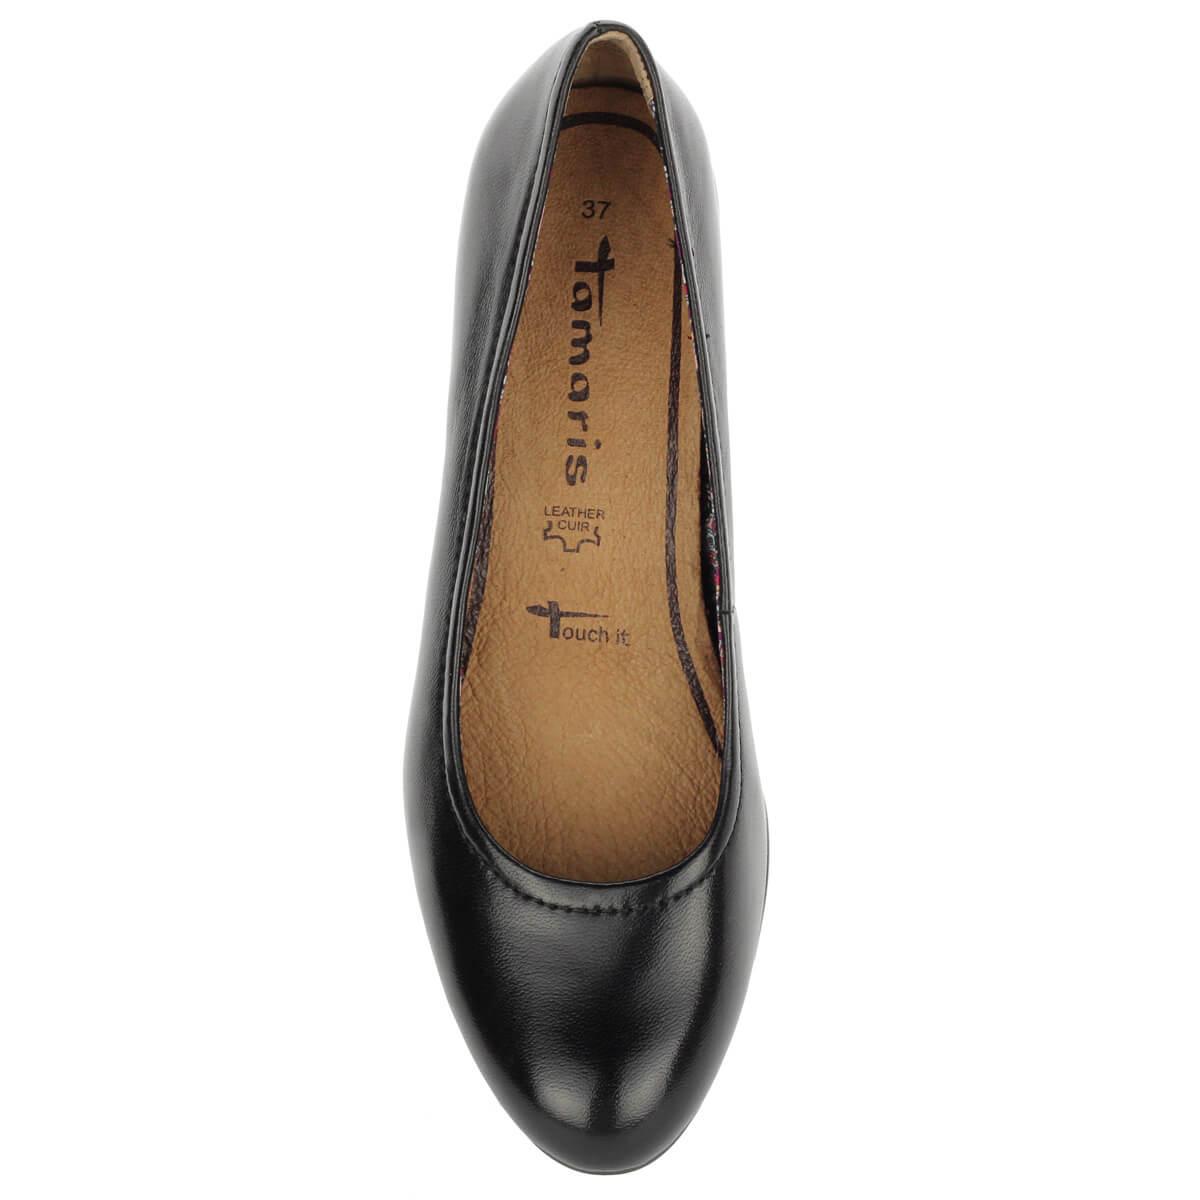 57a9a3b67a Fekete Tamaris cipő 6 cm magas Antishokk sarokkal, bőr felsőrésszel